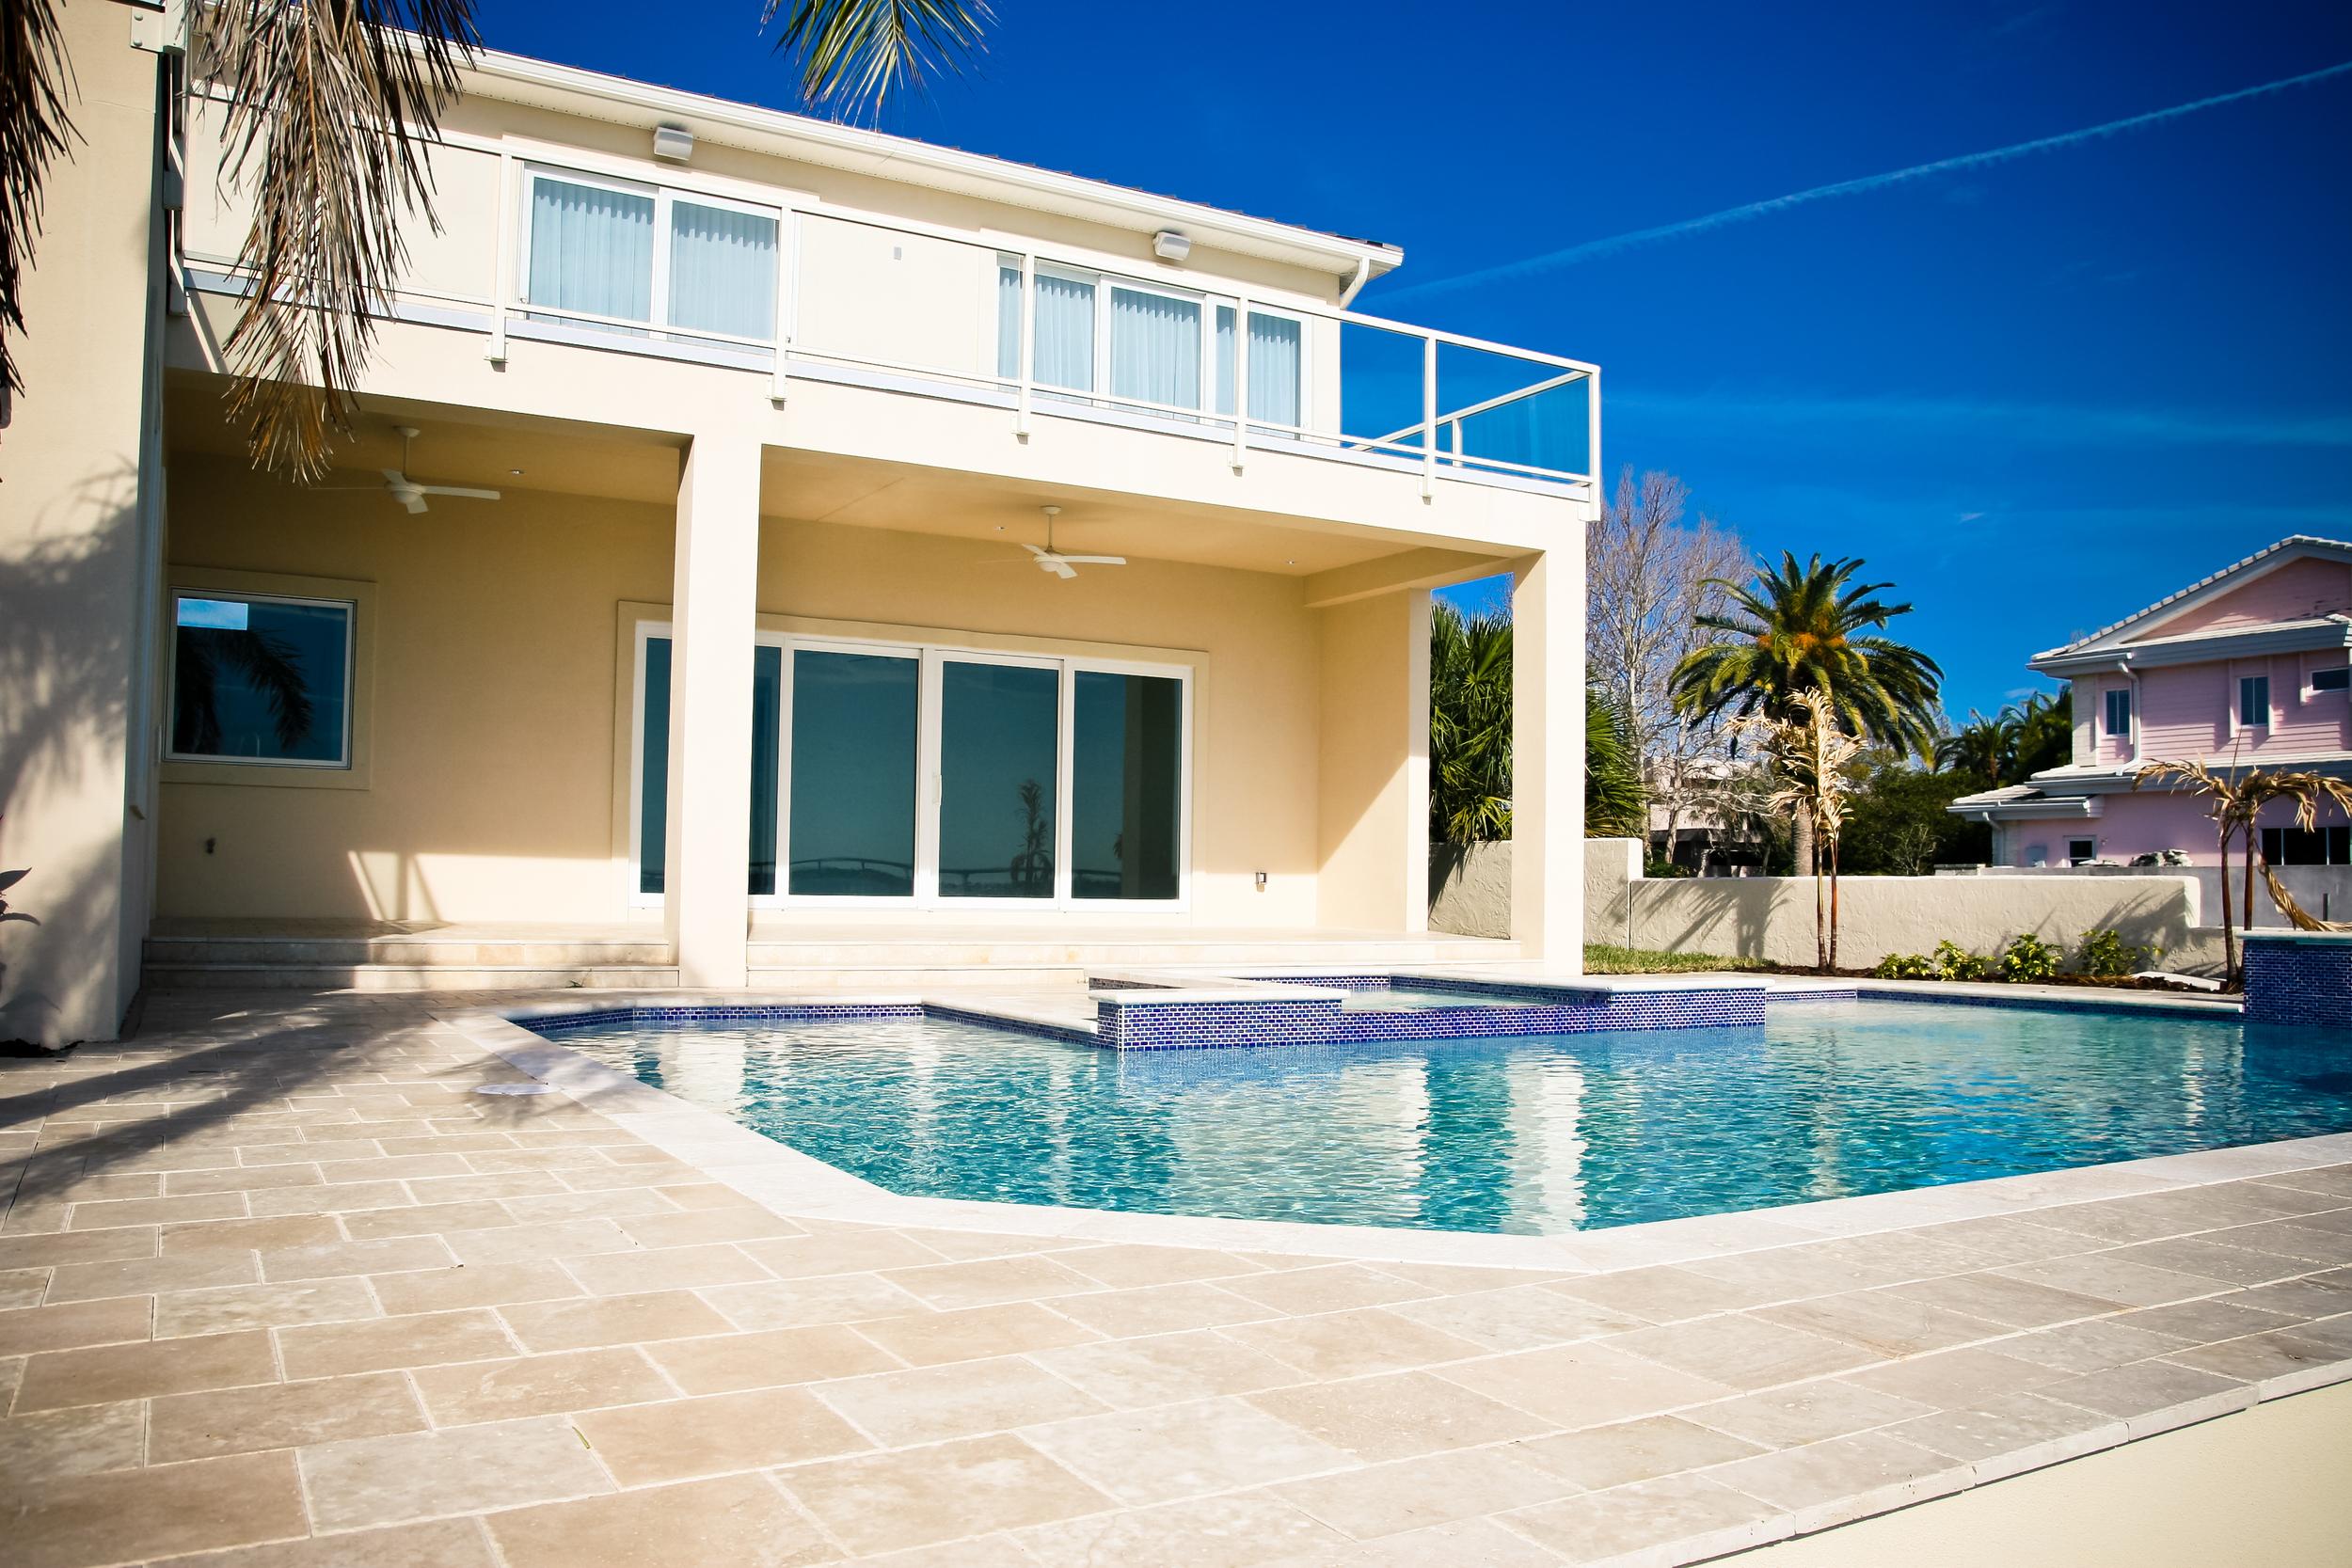 BELLEAIR BEACH, FLORIDA